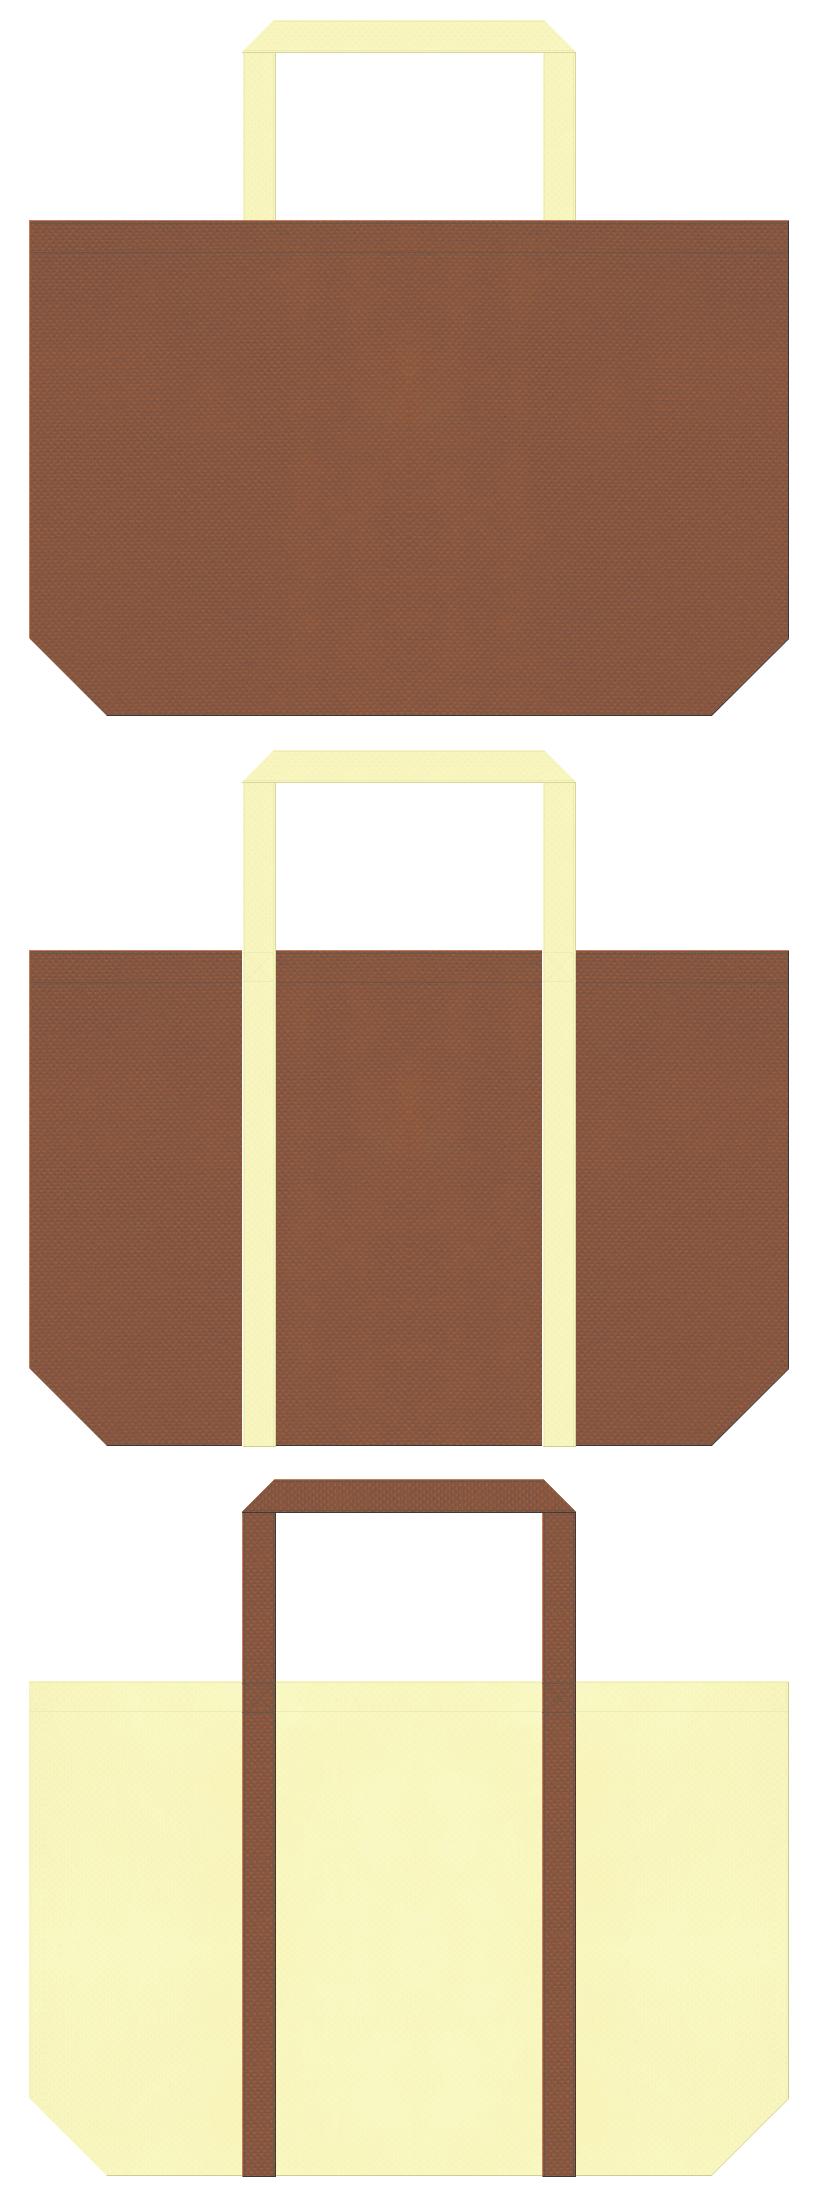 絵本・どらやき・饅頭・チョコクレープ・プリン・スイーツ・ロールケーキ・クリームパン・和菓子・スイーツ・ベーカリーのショッピングバッグにお奨めの不織布バッグデザイン:茶色と薄黄色のコーデ